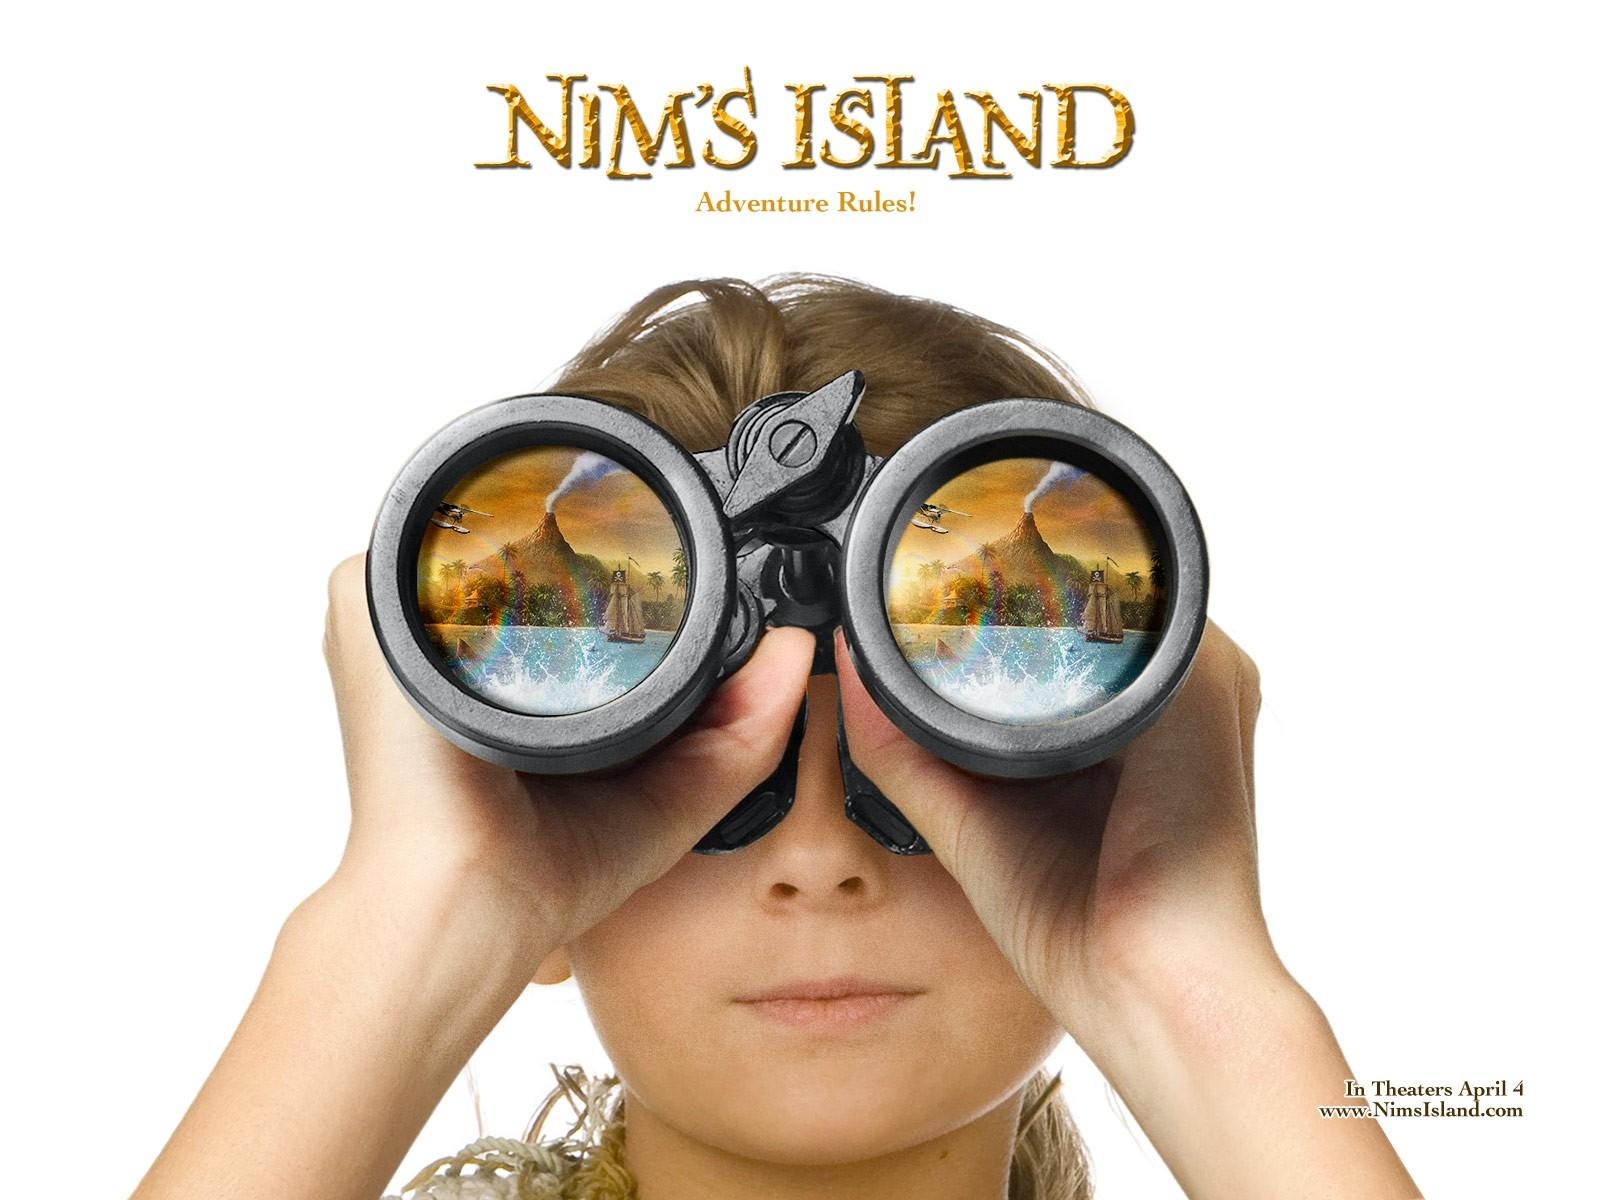 Abigail Breslin in un wallpaper del film Alla ricerca dell'isola di Nim